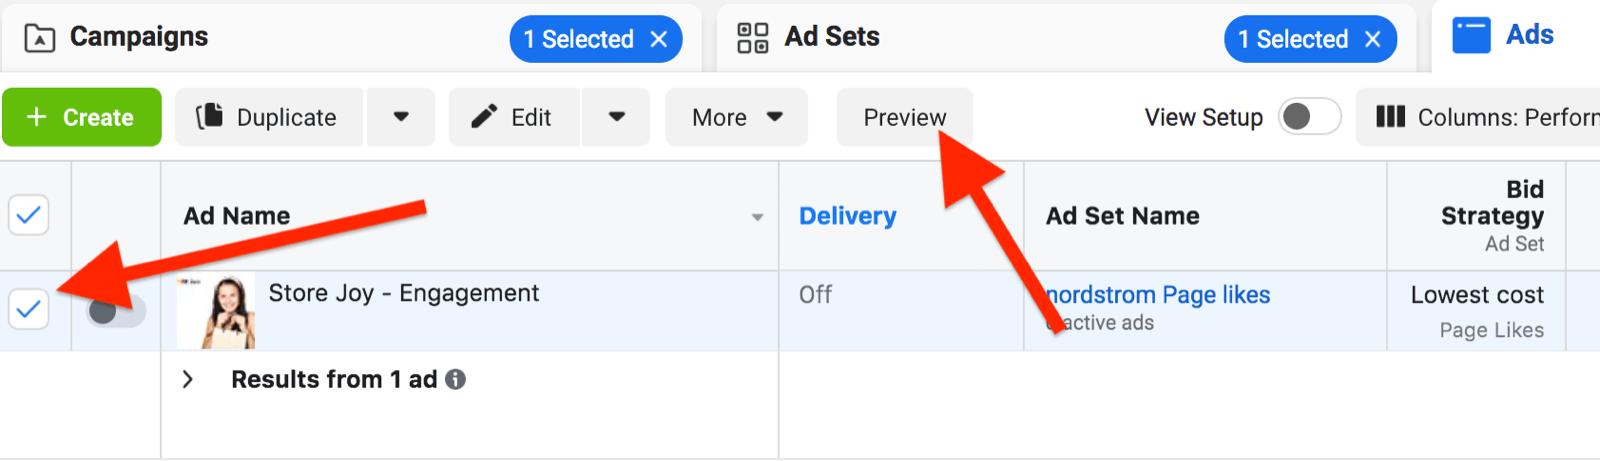 facebook ads manager广告集示例,带有预览所选广告的选项